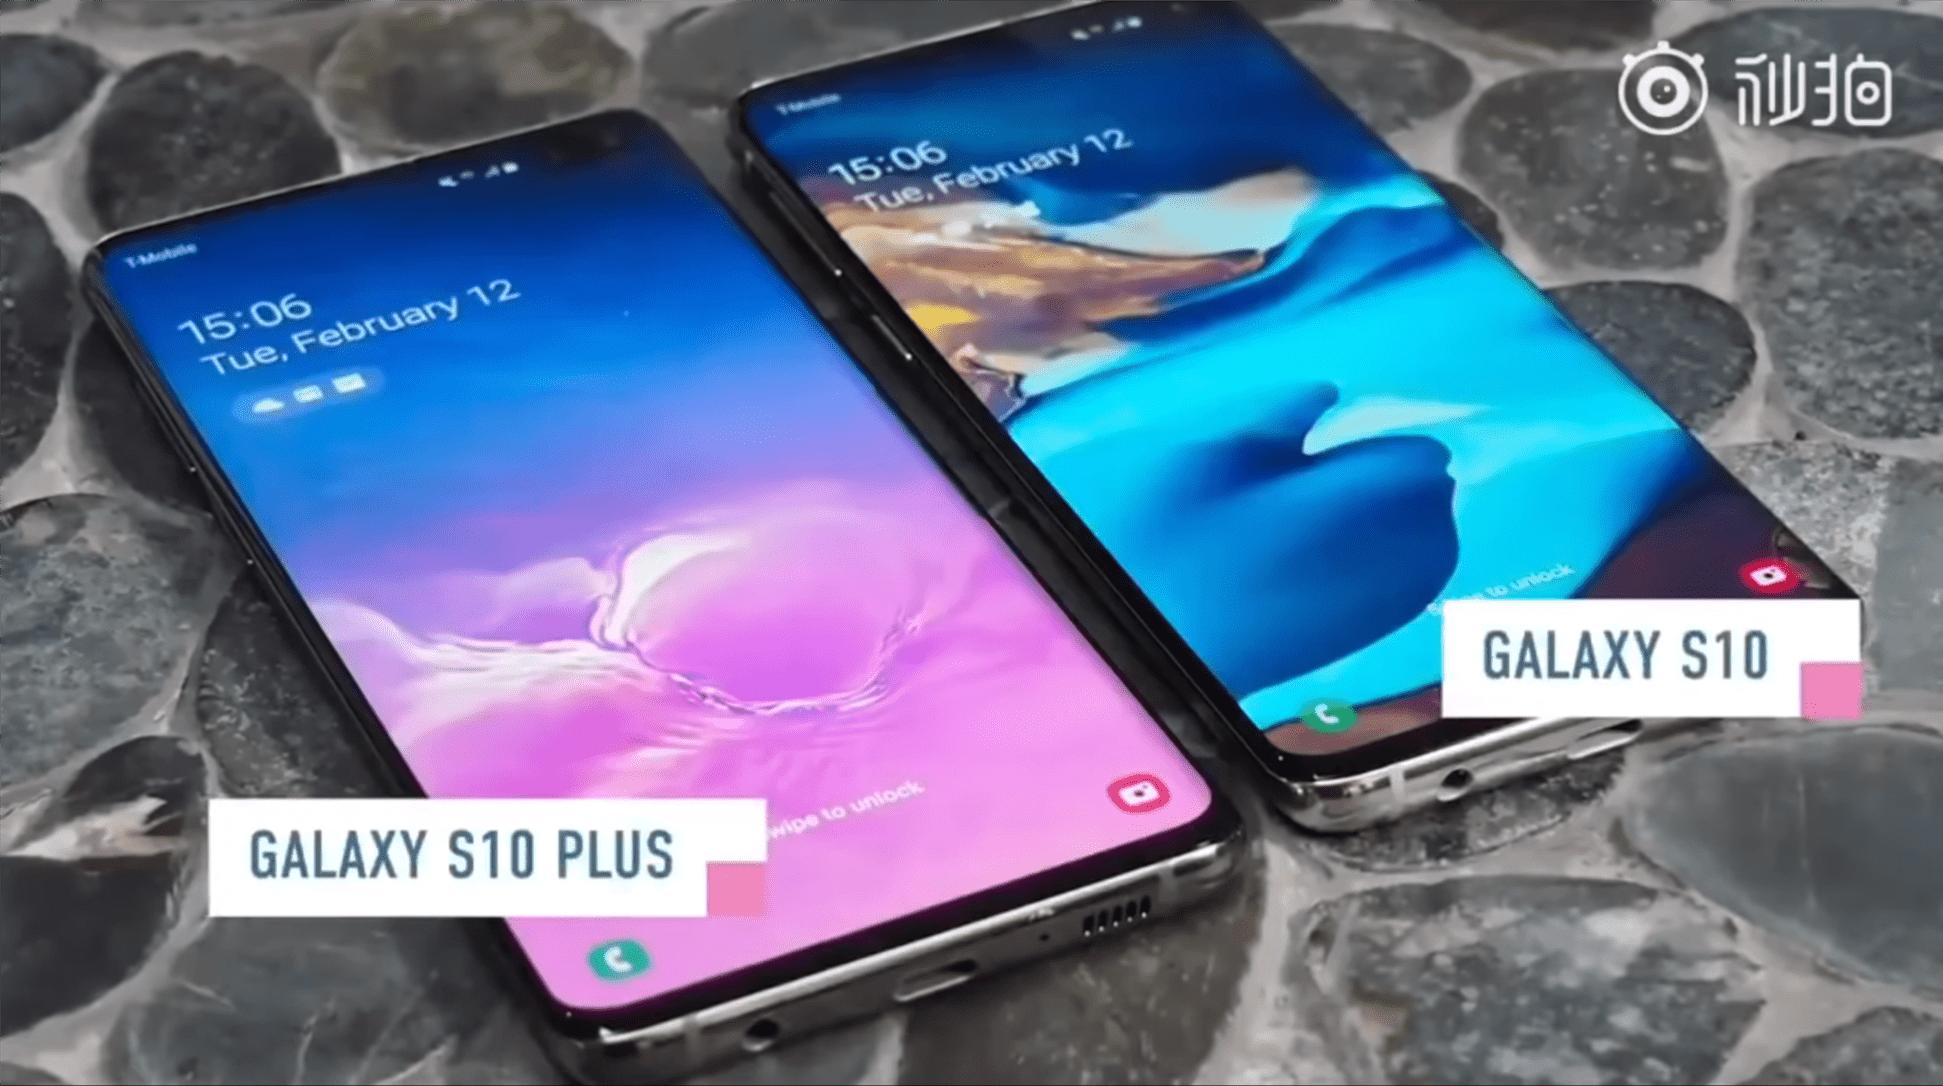 Tabletowo.pl Za ten materiał przedstawiający Samsunga Galaxy S10, ktoś straci pracę albo zyska premię. Flagowiec na filmie Plotki / Przecieki Samsung Smartfony